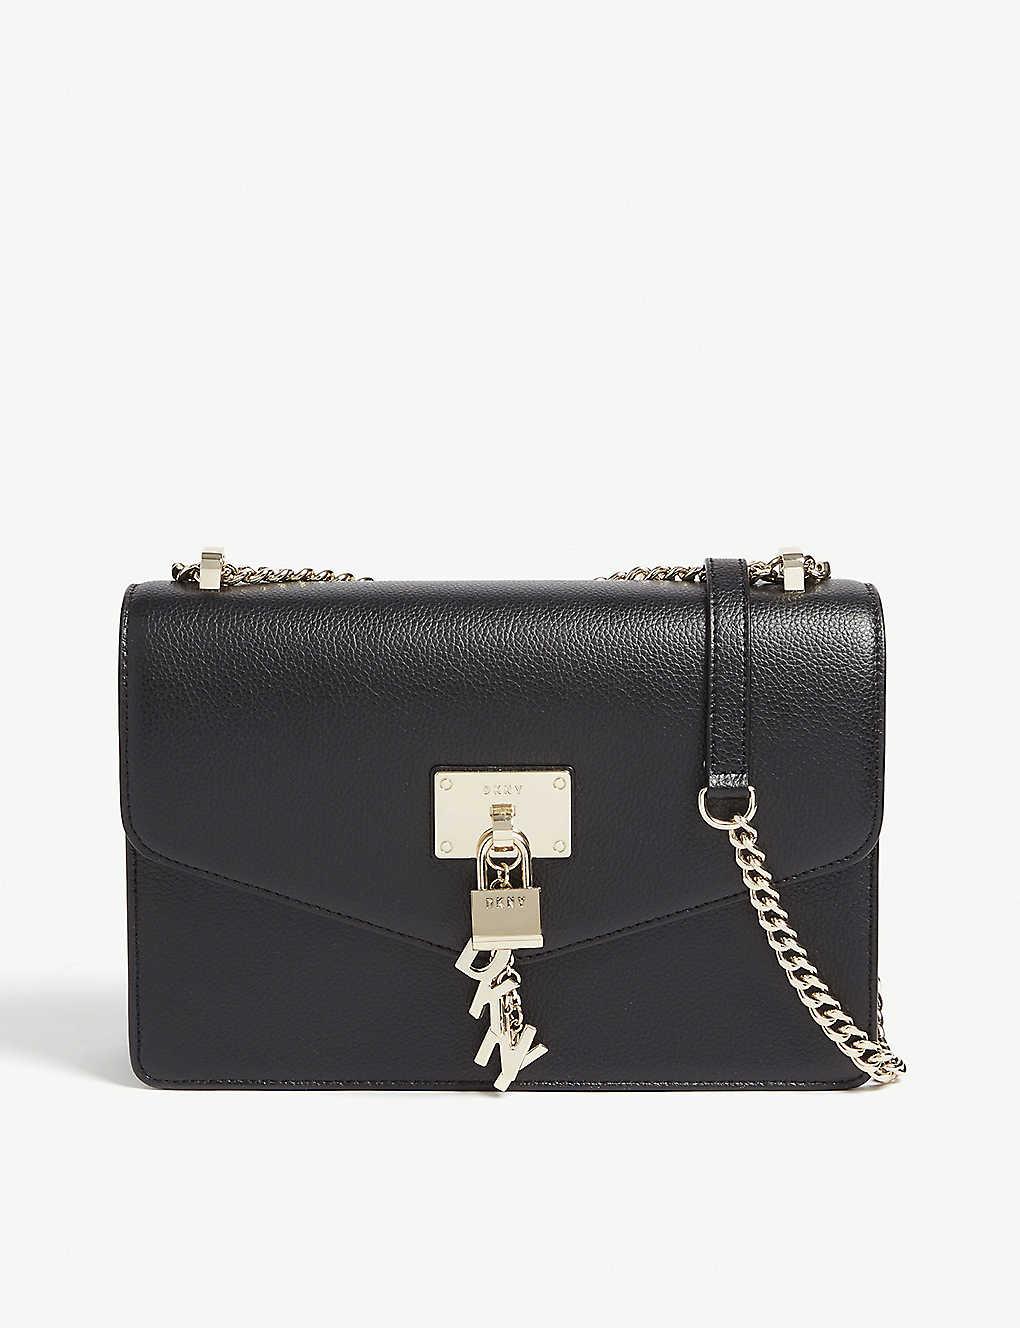 9313b09f3 DKNY - Elissa leather shoulder bag | Selfridges.com